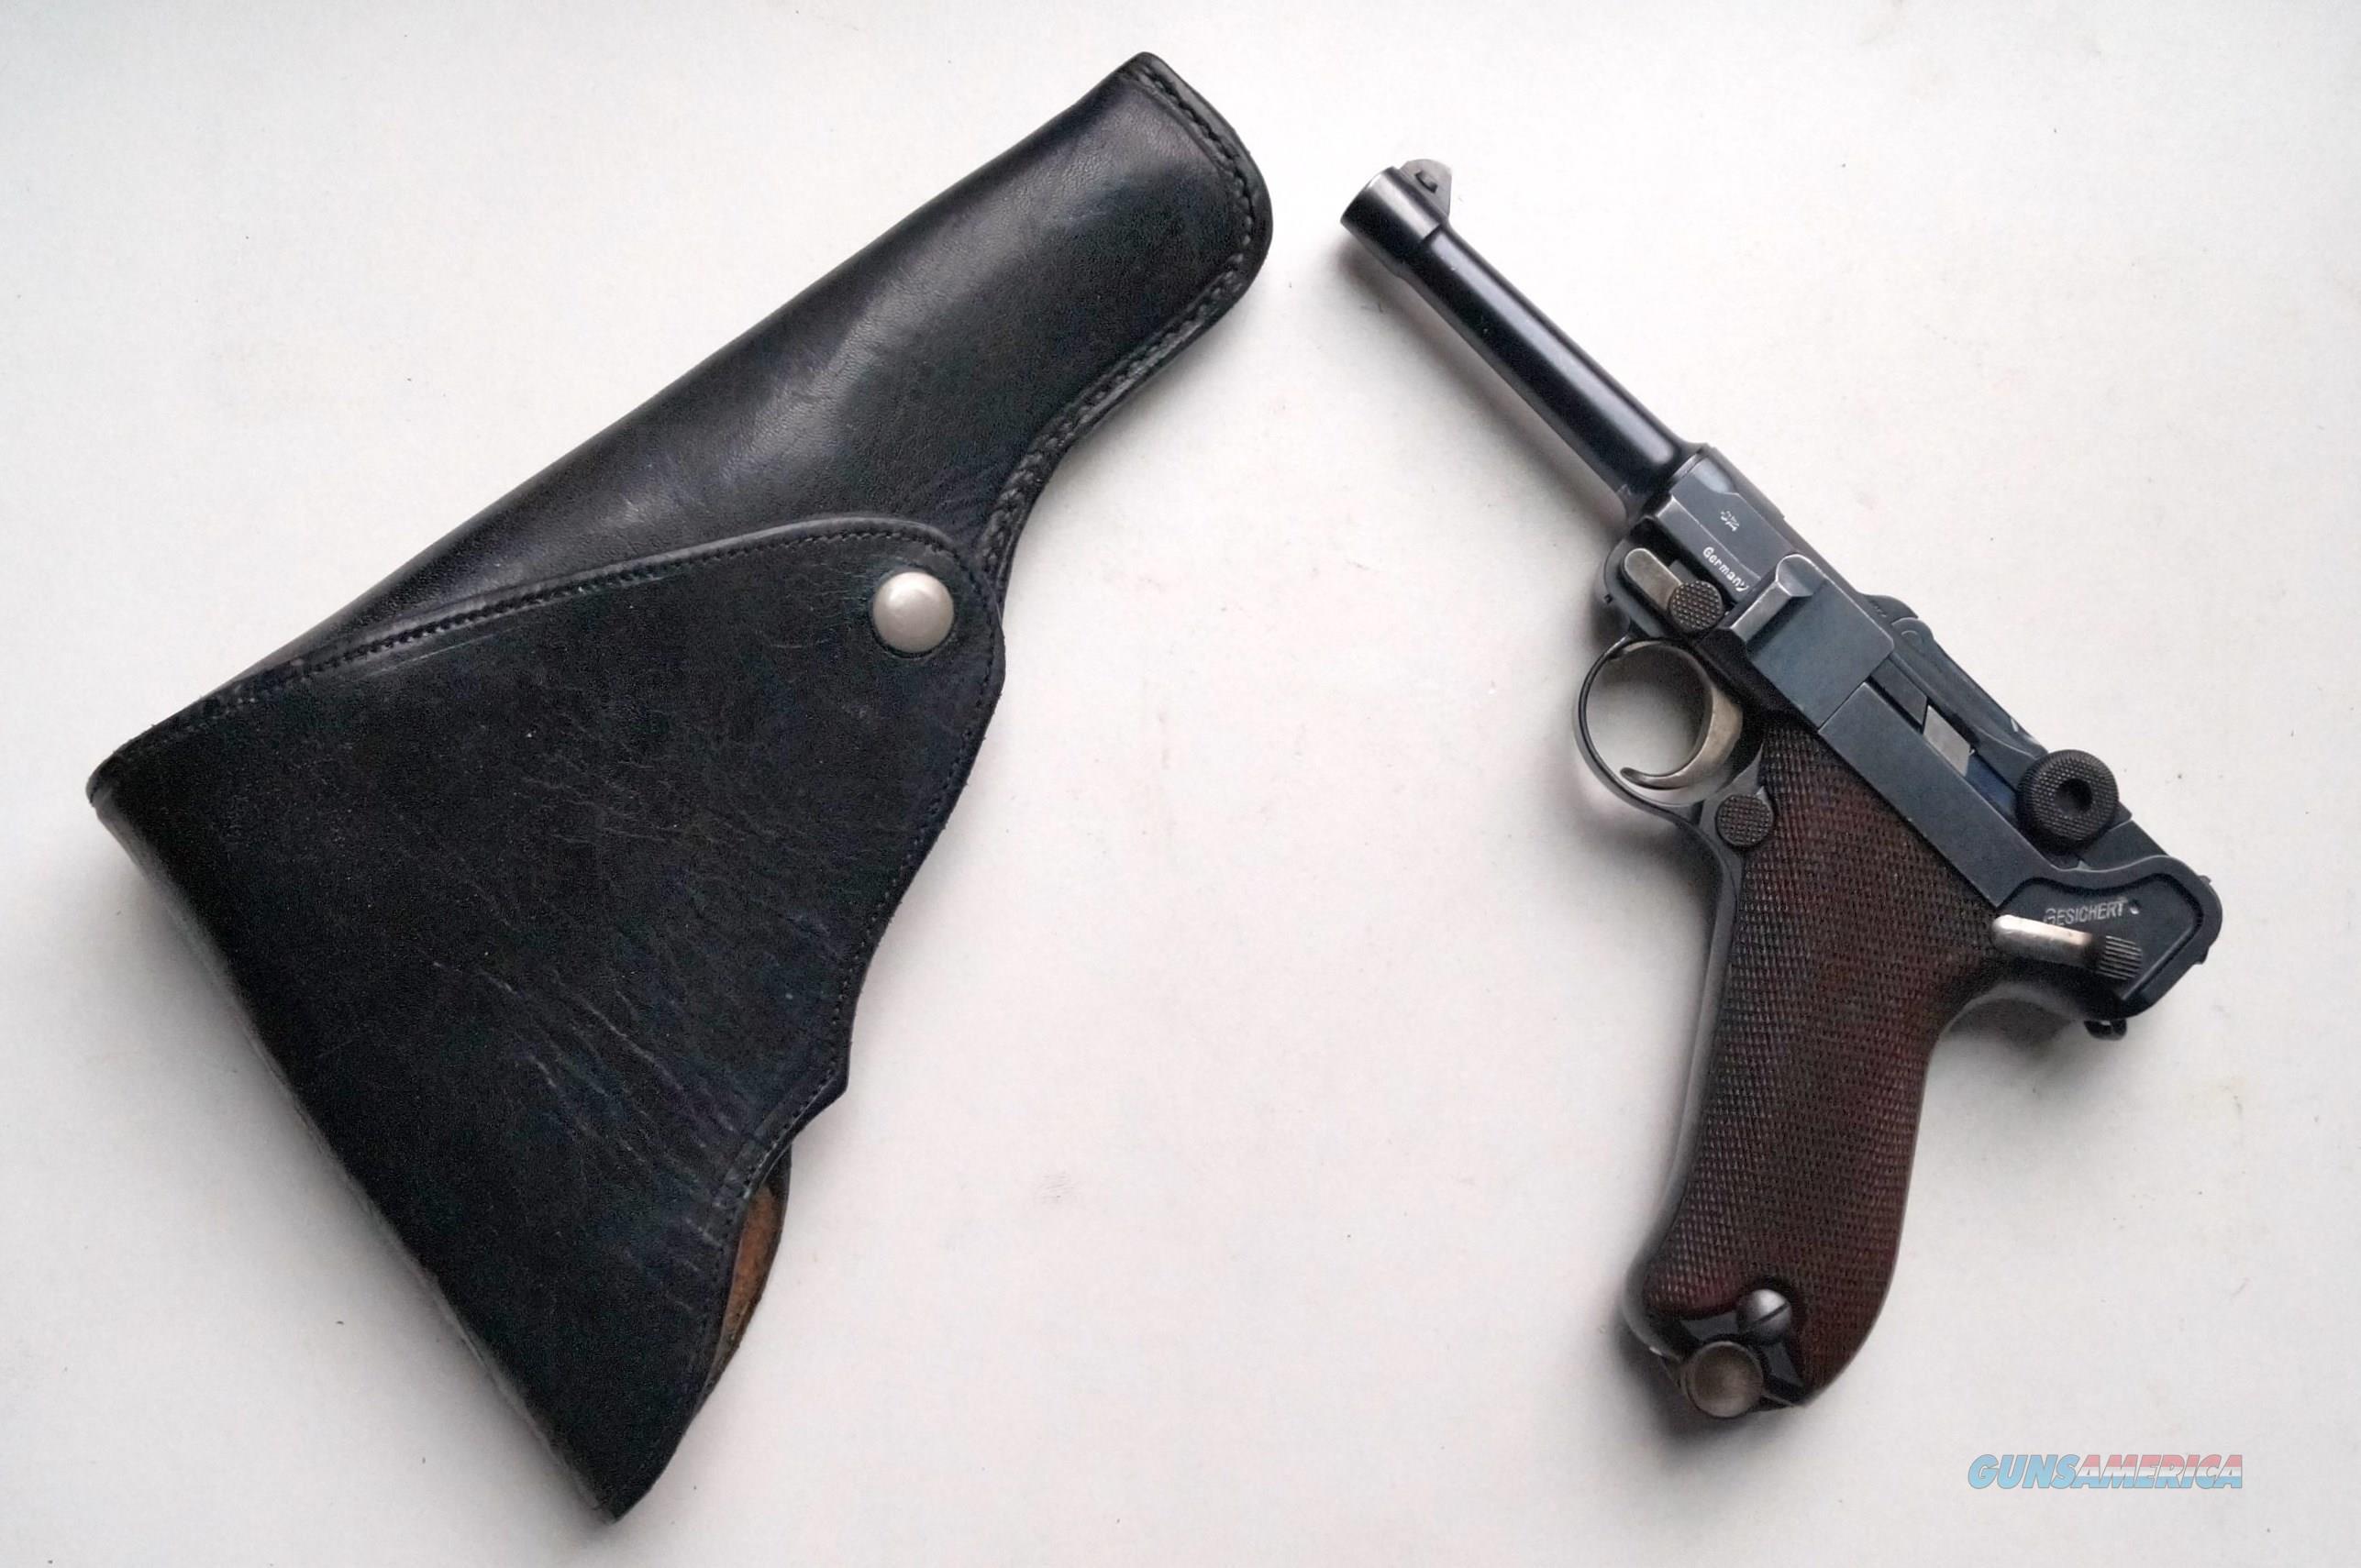 1908 DWM COMMERCIAL GERMAN LUGER RIG  Guns > Pistols > Luger Pistols